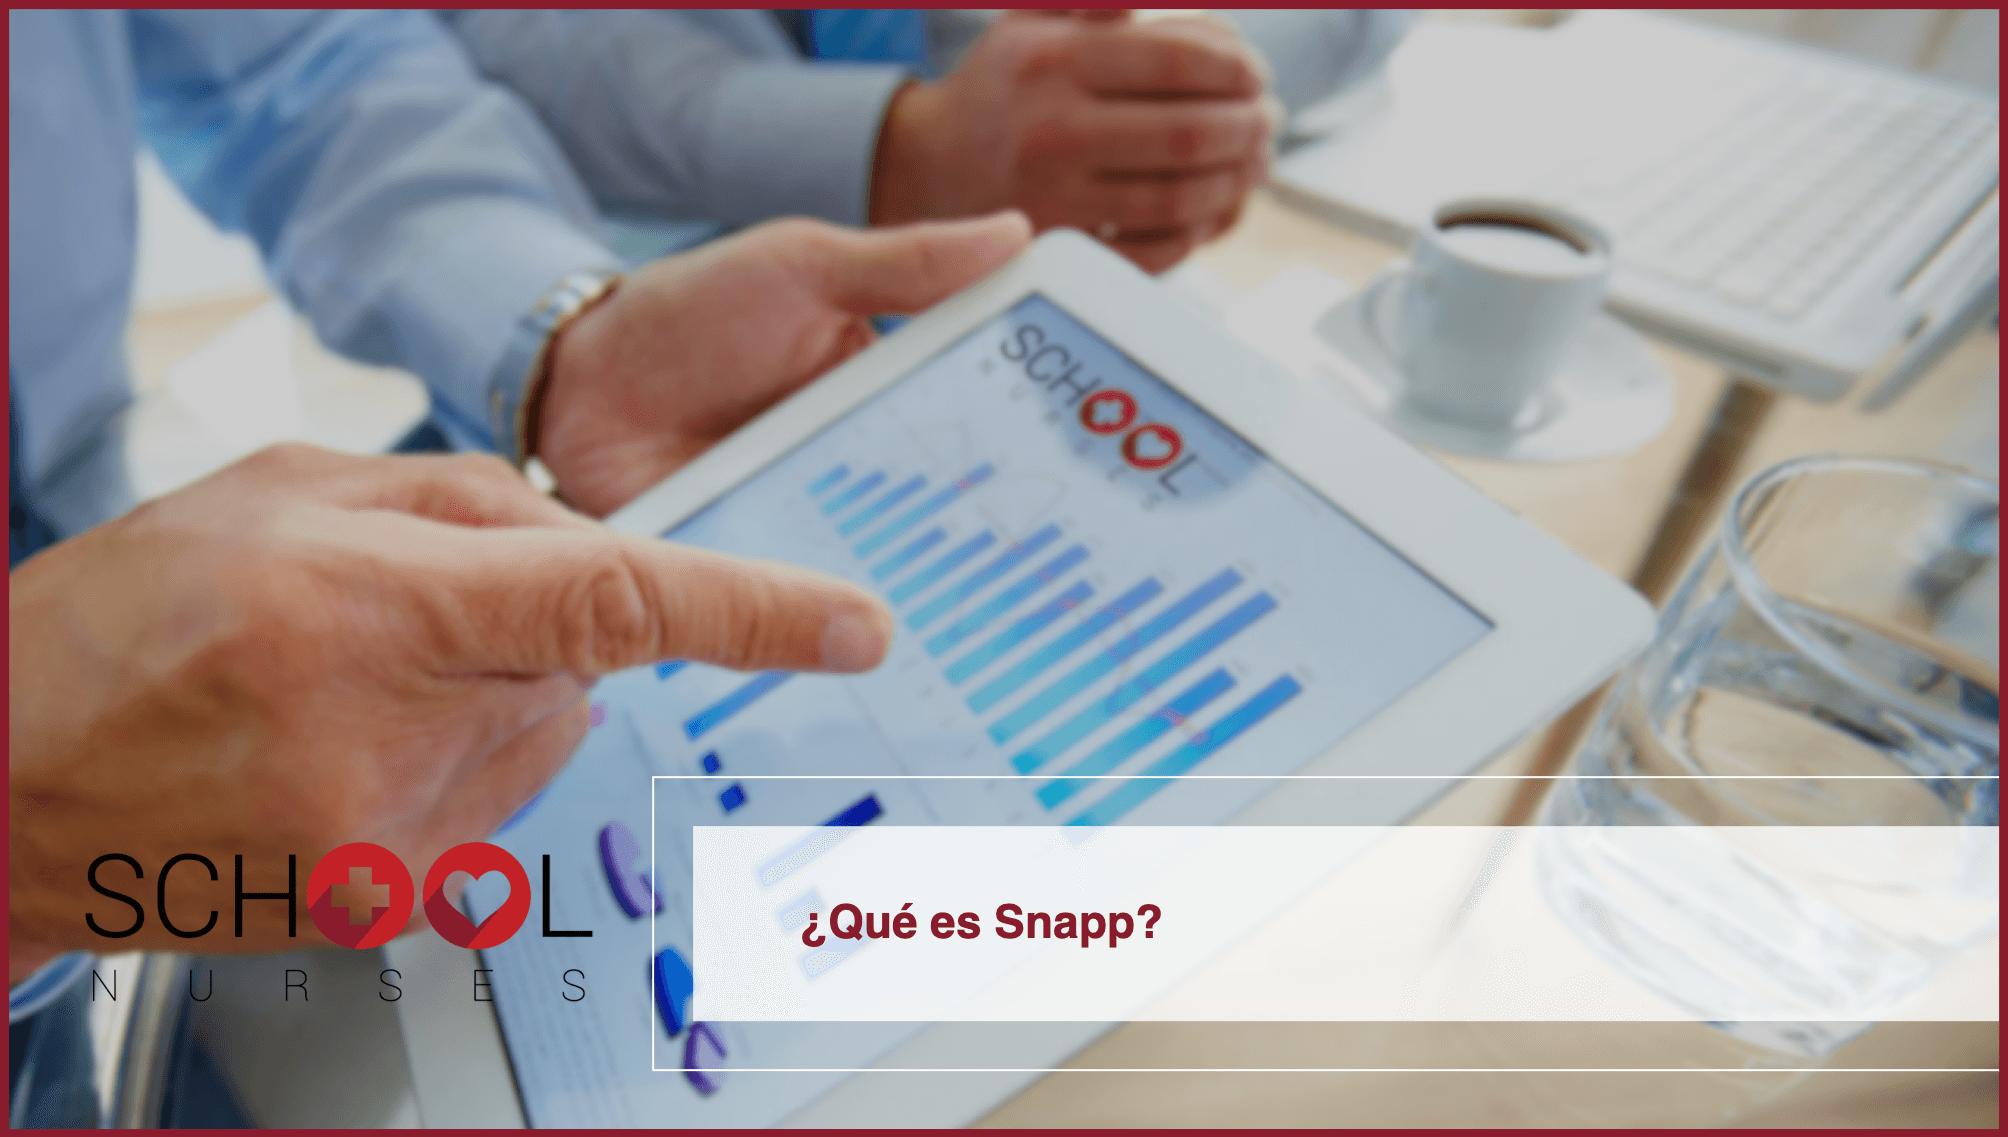 ¿Qué es Snapp?